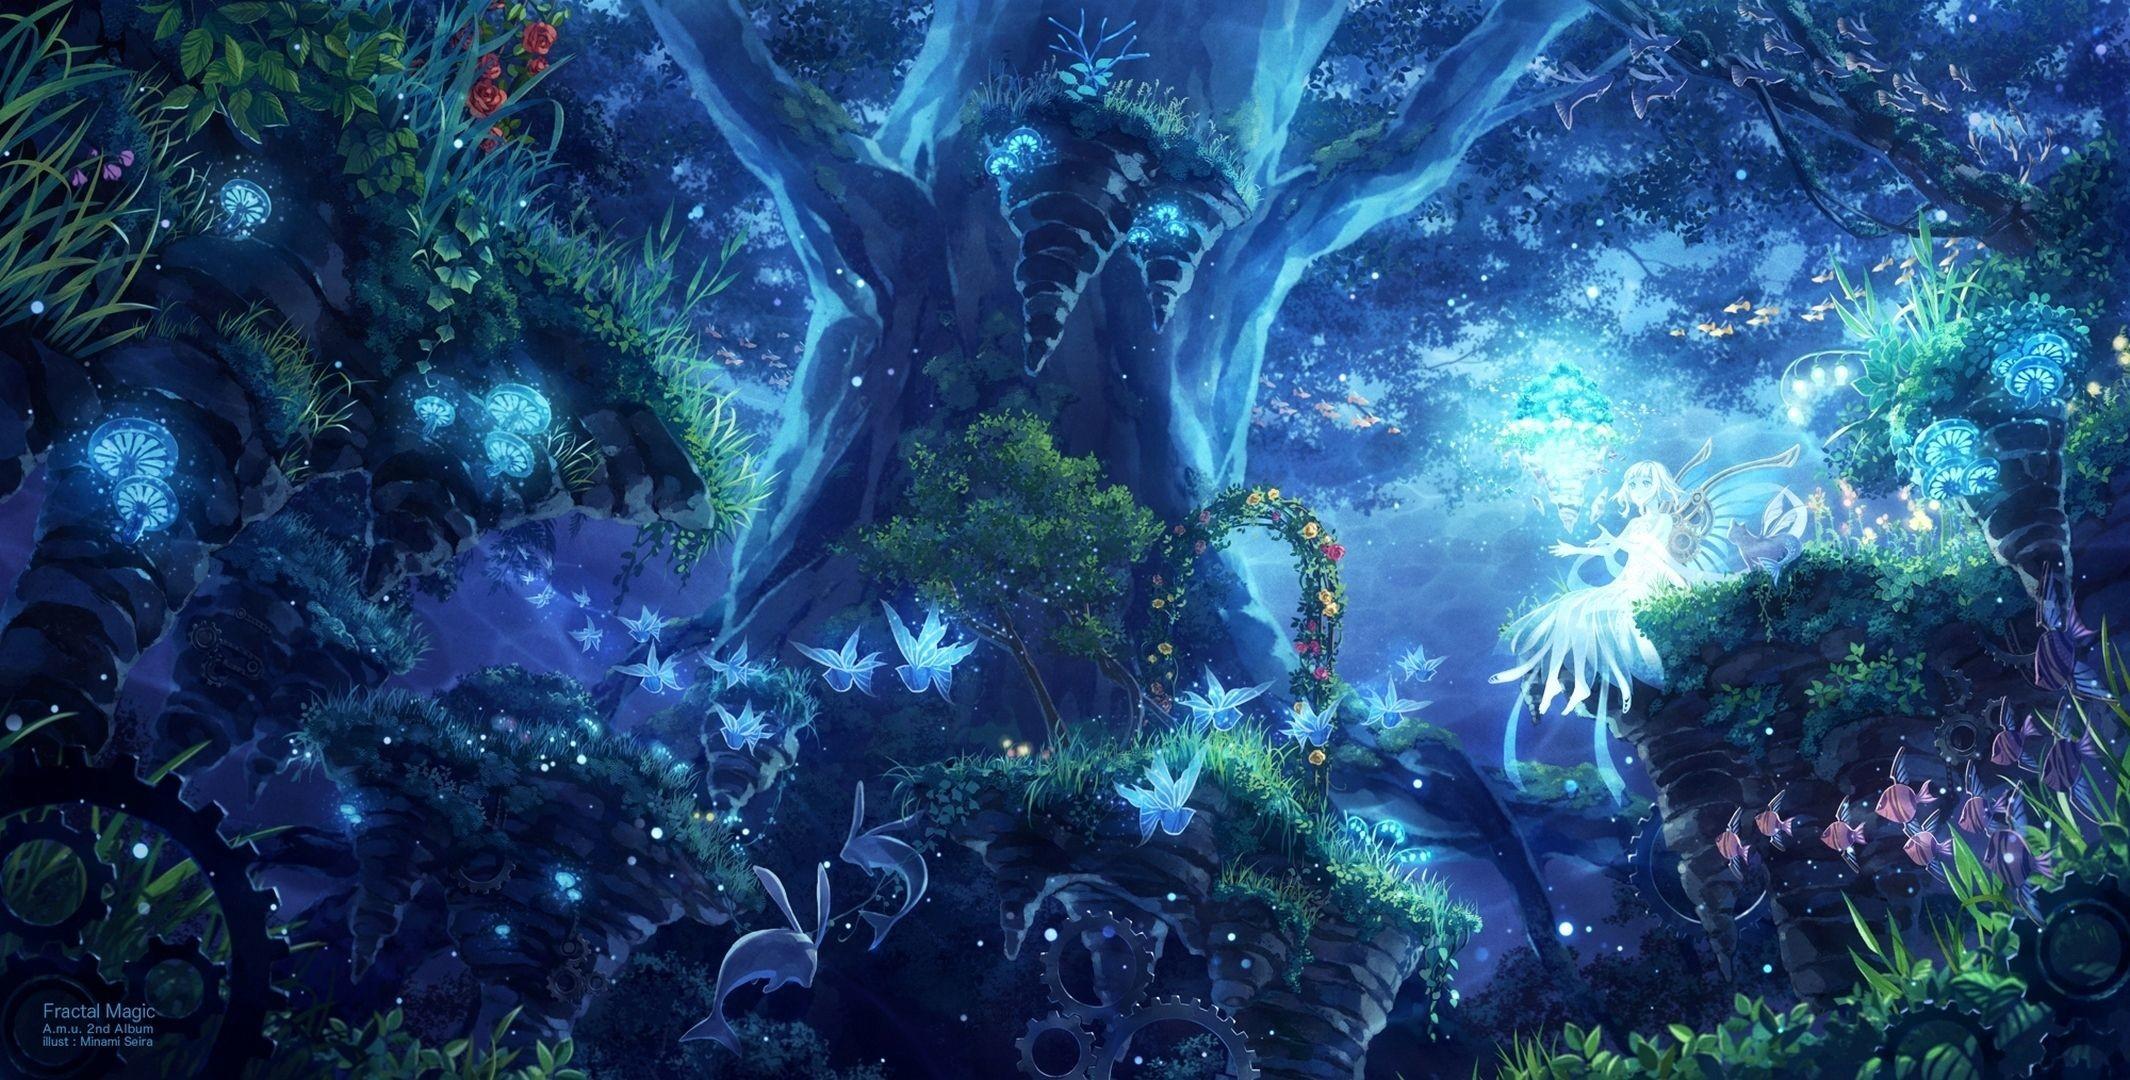 Res: 2130x1080, http://hdw.datawallpaper.com/anime/fantasy-forest-